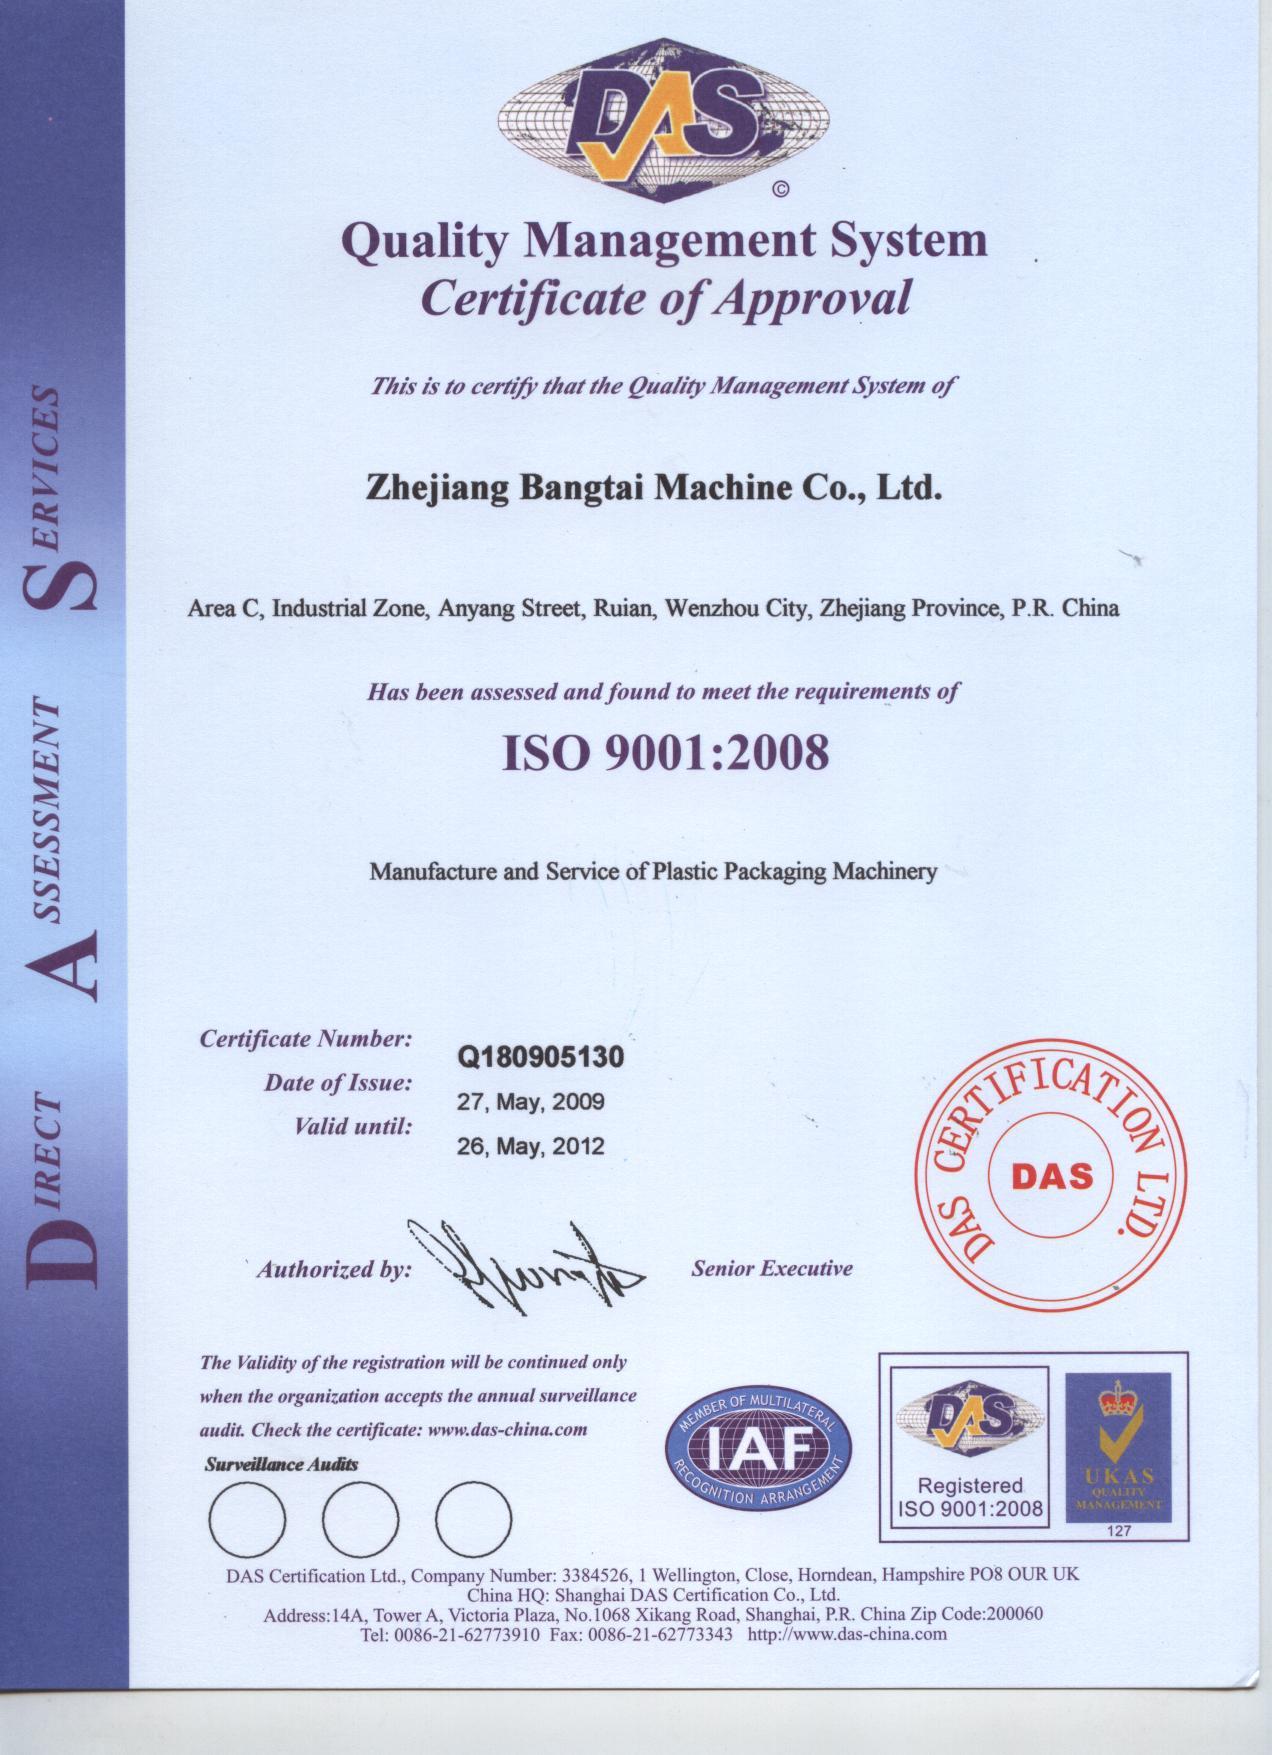 ISO 9001 CERTIFICATE Zhejiang Bangtai Machine Co., Ltd.